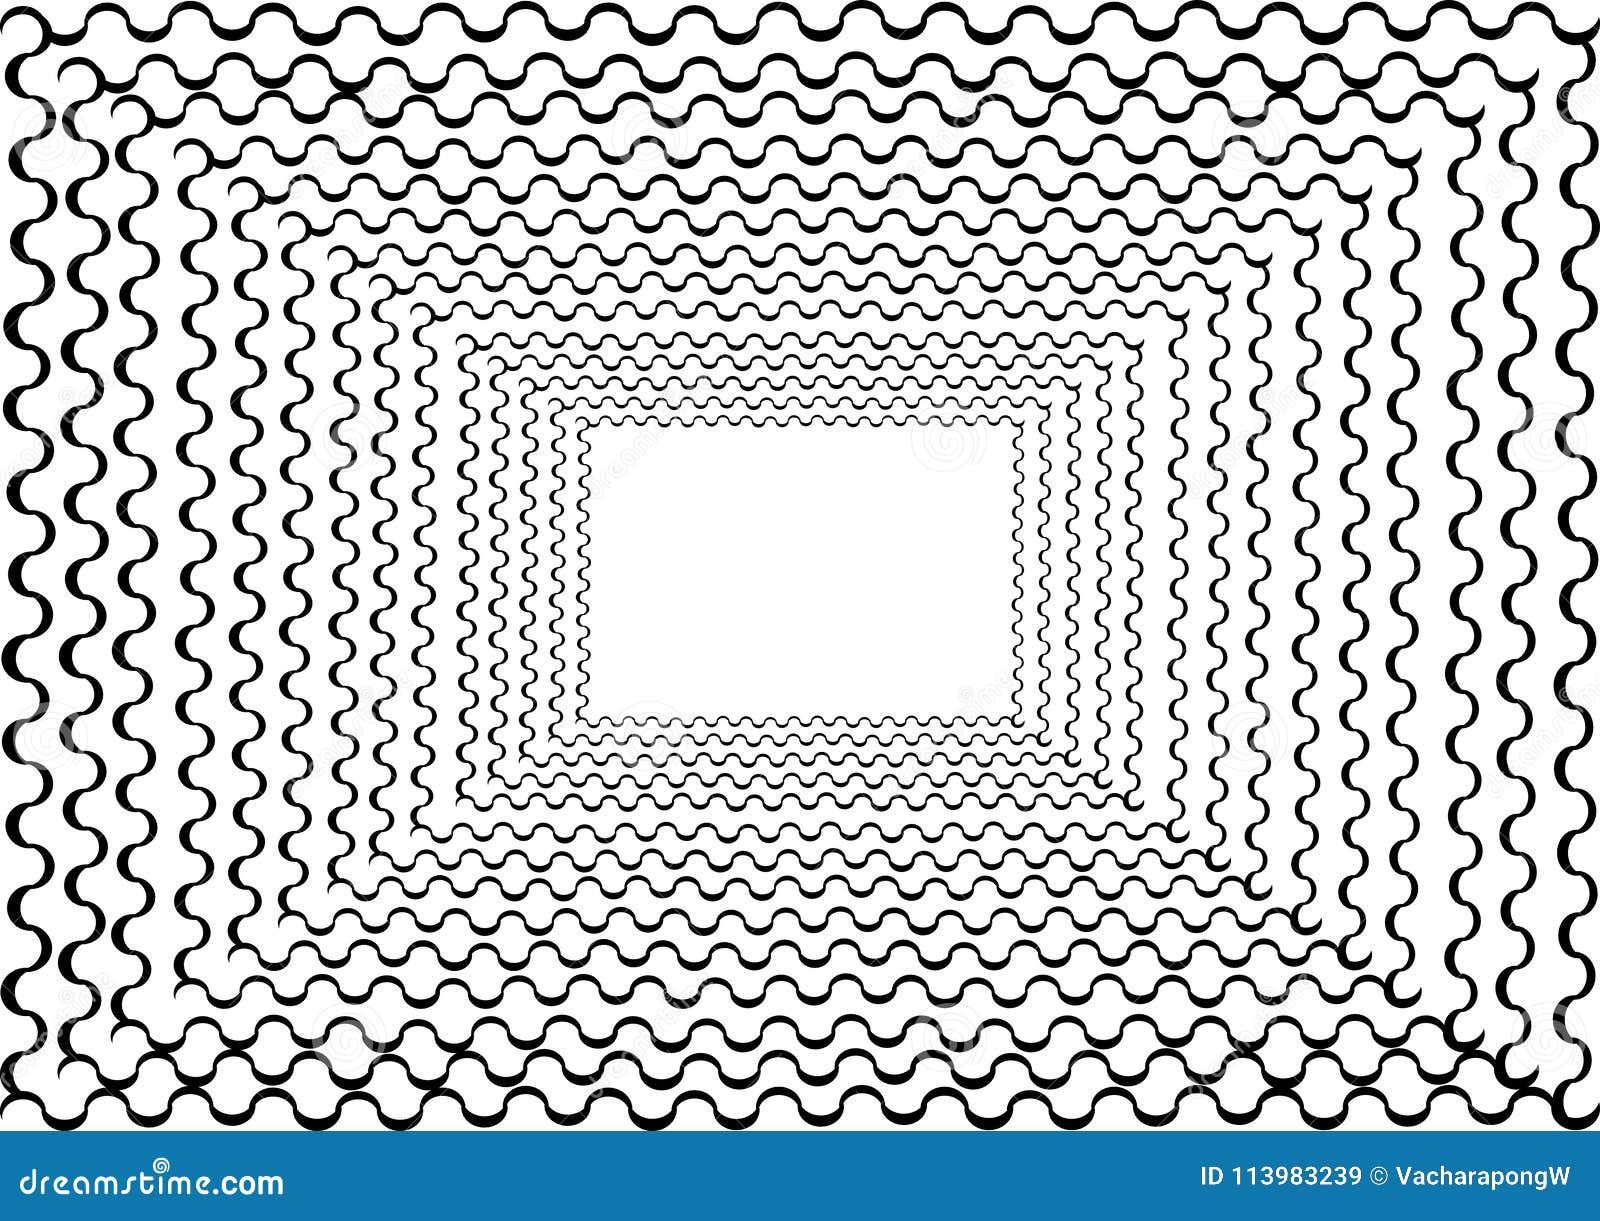 Marco abstracto del túnel con la línea rizada alrededor